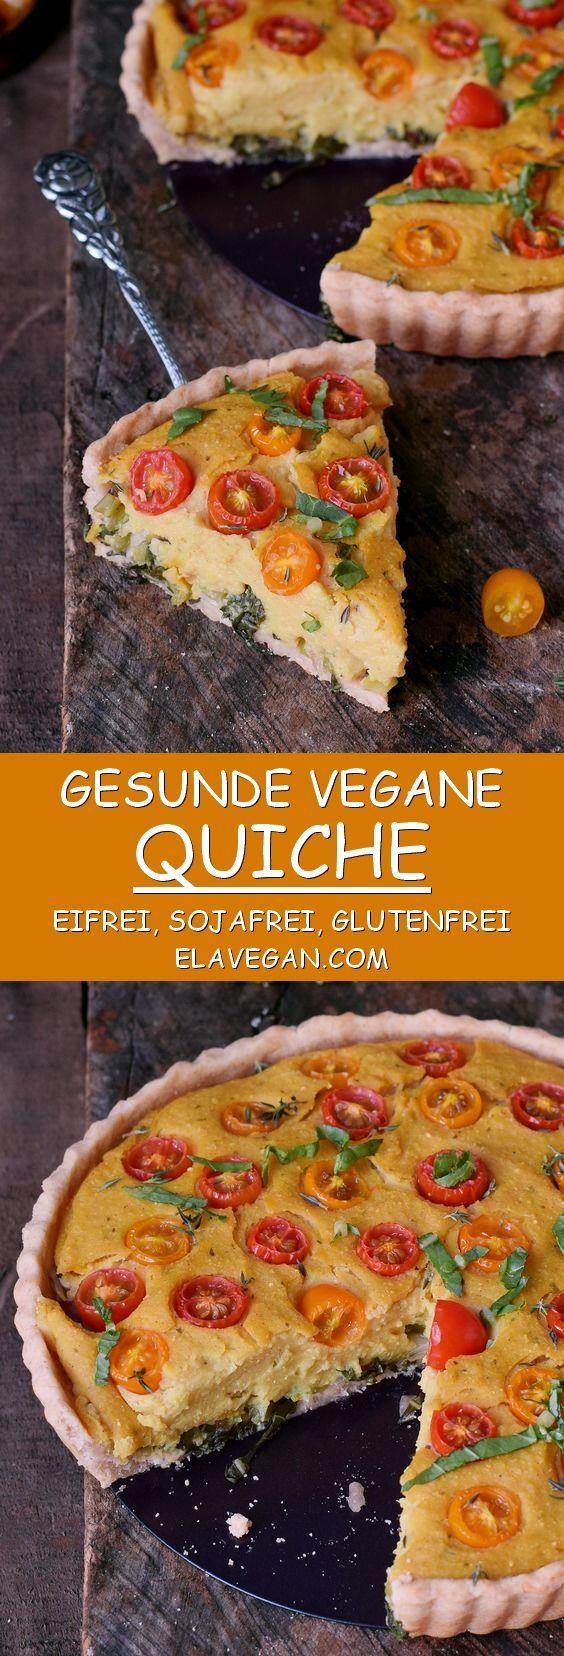 Vegane Quiche | glutenfrei, eifrei, sojafrei - Elavegan